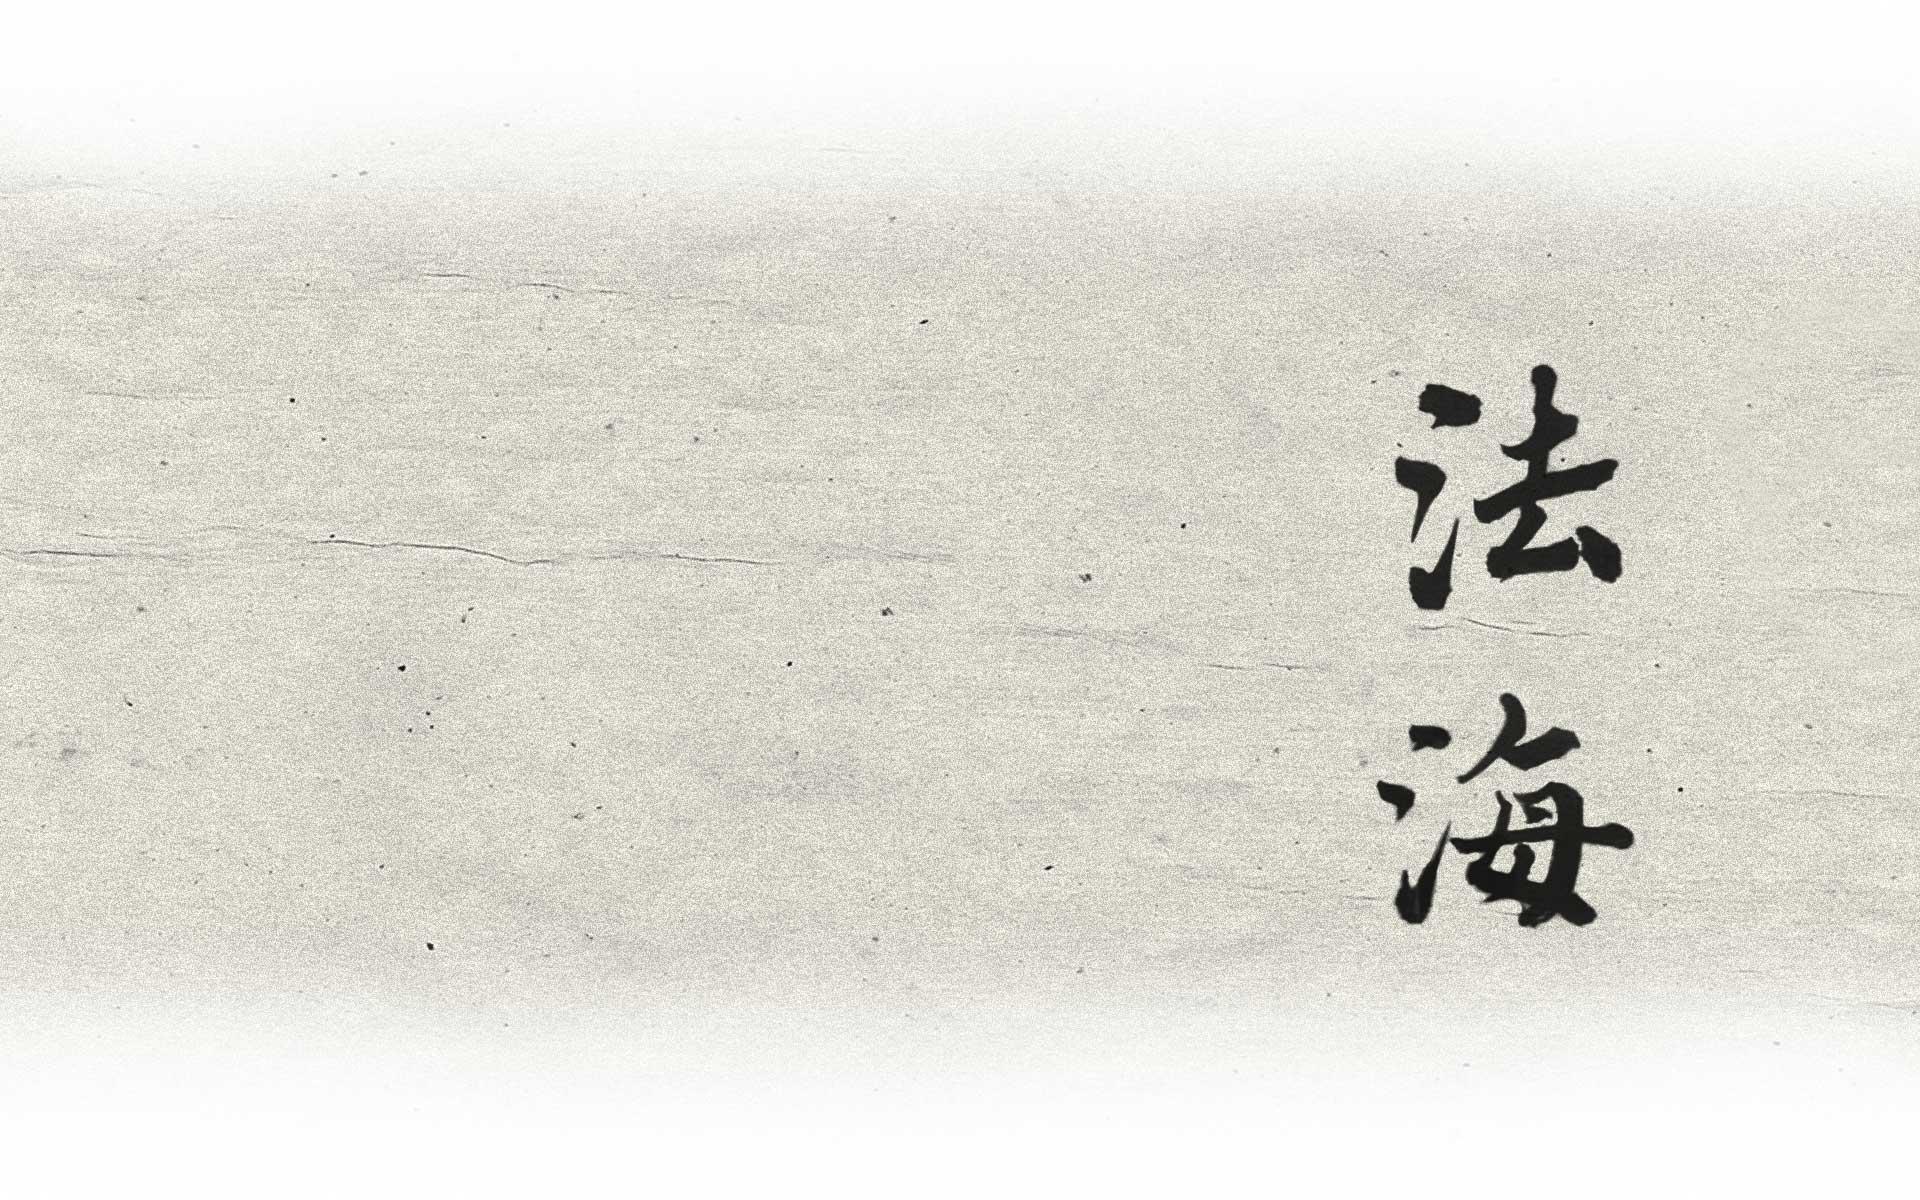 Kanji HoKai von Kobun Chino Roshi